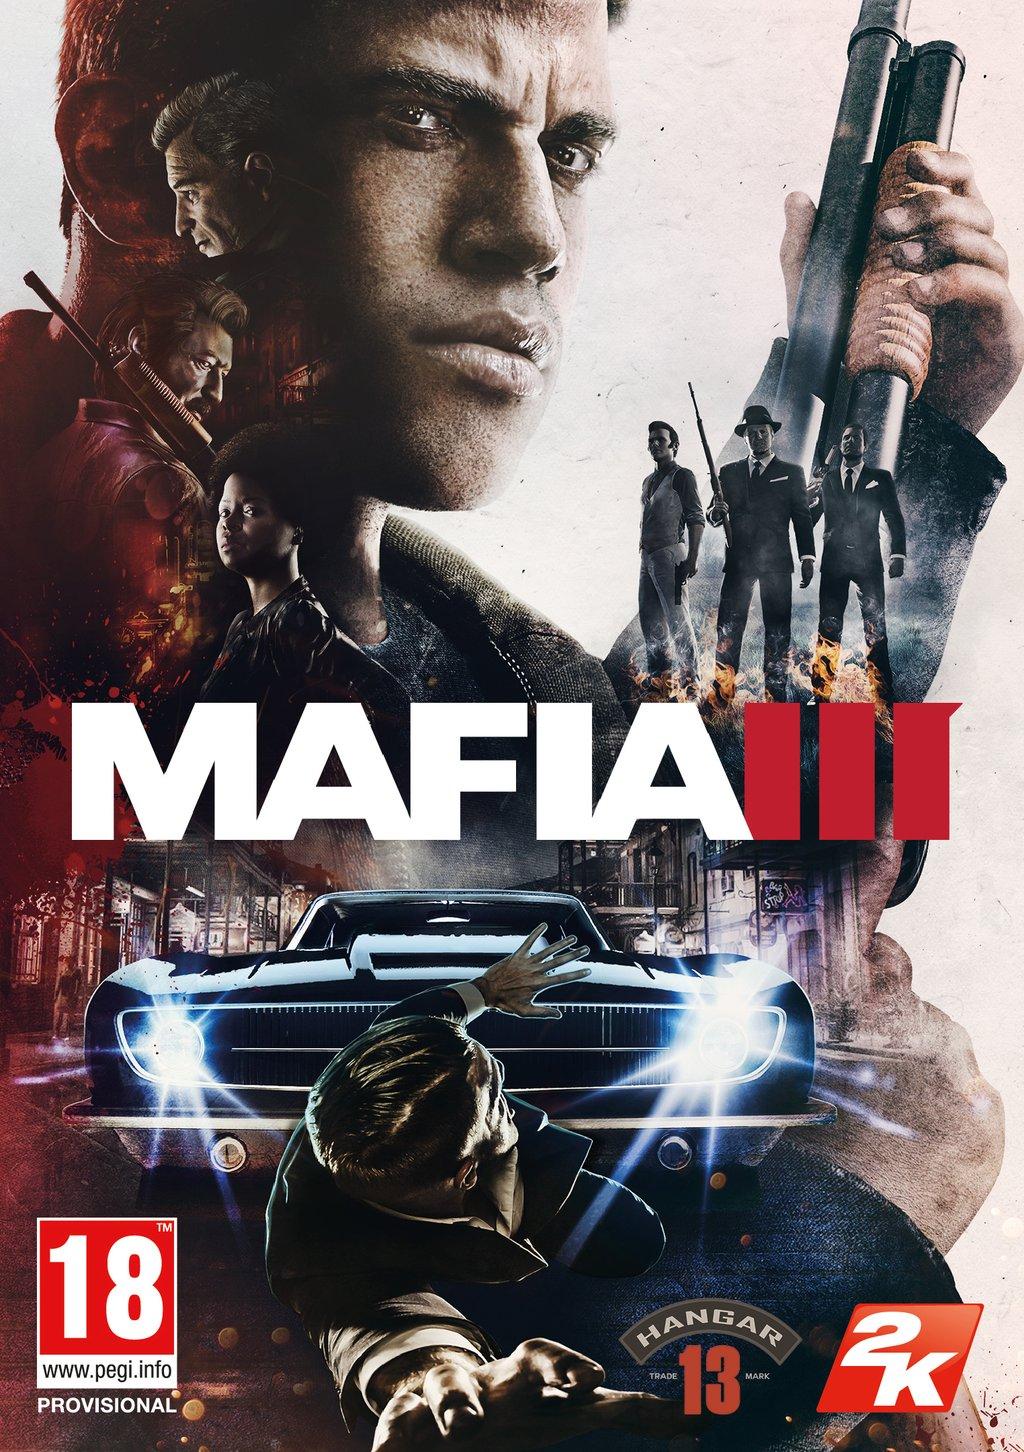 portada mafia iii